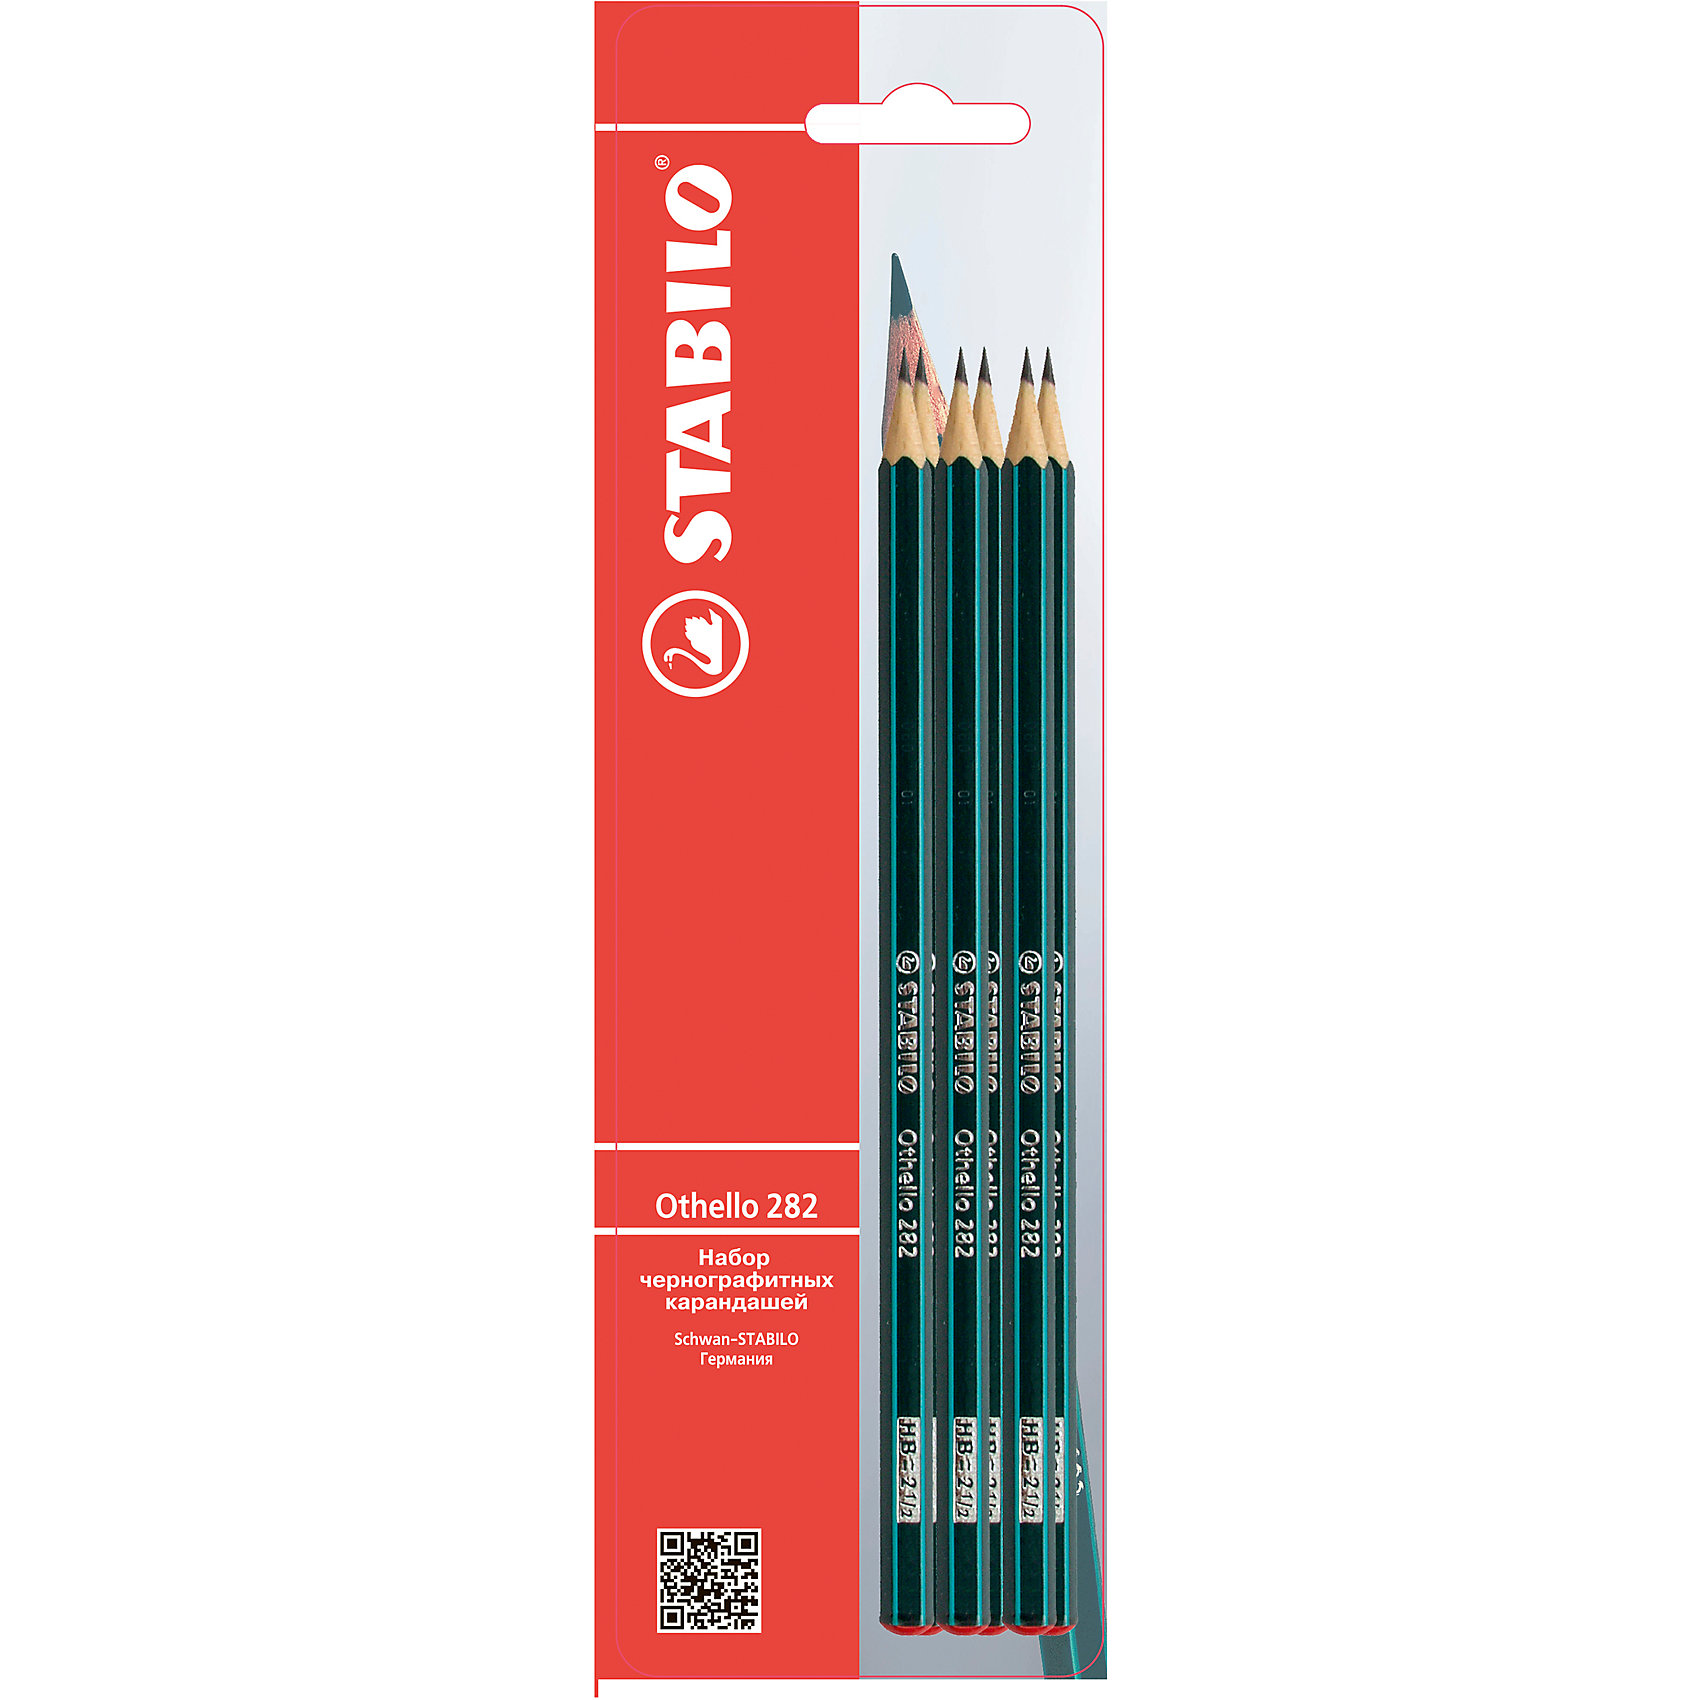 Набор карандашей, 6 шт.Письменные принадлежности<br>Набор карандашей, 6 шт. от марки Stabilo<br><br>Эти карандаши созданы немецкой компанией для комфортного и легкого письма или рисования. Легко затачиваются, при этом грифель очень устойчив к поломкам. <br>Грифель - из высококачественного мелкодисперсного графита. В наборе - шесть карандашей. Они отлично лежат в руке благодаря удобной форме и лаковому покрытию в несколько слоев.<br><br>Особенности данной модели:<br><br>твердость: от 2-Н до 2-В.<br><br>Набор карандашей, 6 шт. от марки Stabilo можно купить в нашем магазине.<br><br>Ширина мм: 240<br>Глубина мм: 70<br>Высота мм: 10<br>Вес г: 15<br>Возраст от месяцев: 36<br>Возраст до месяцев: 2147483647<br>Пол: Унисекс<br>Возраст: Детский<br>SKU: 4684717